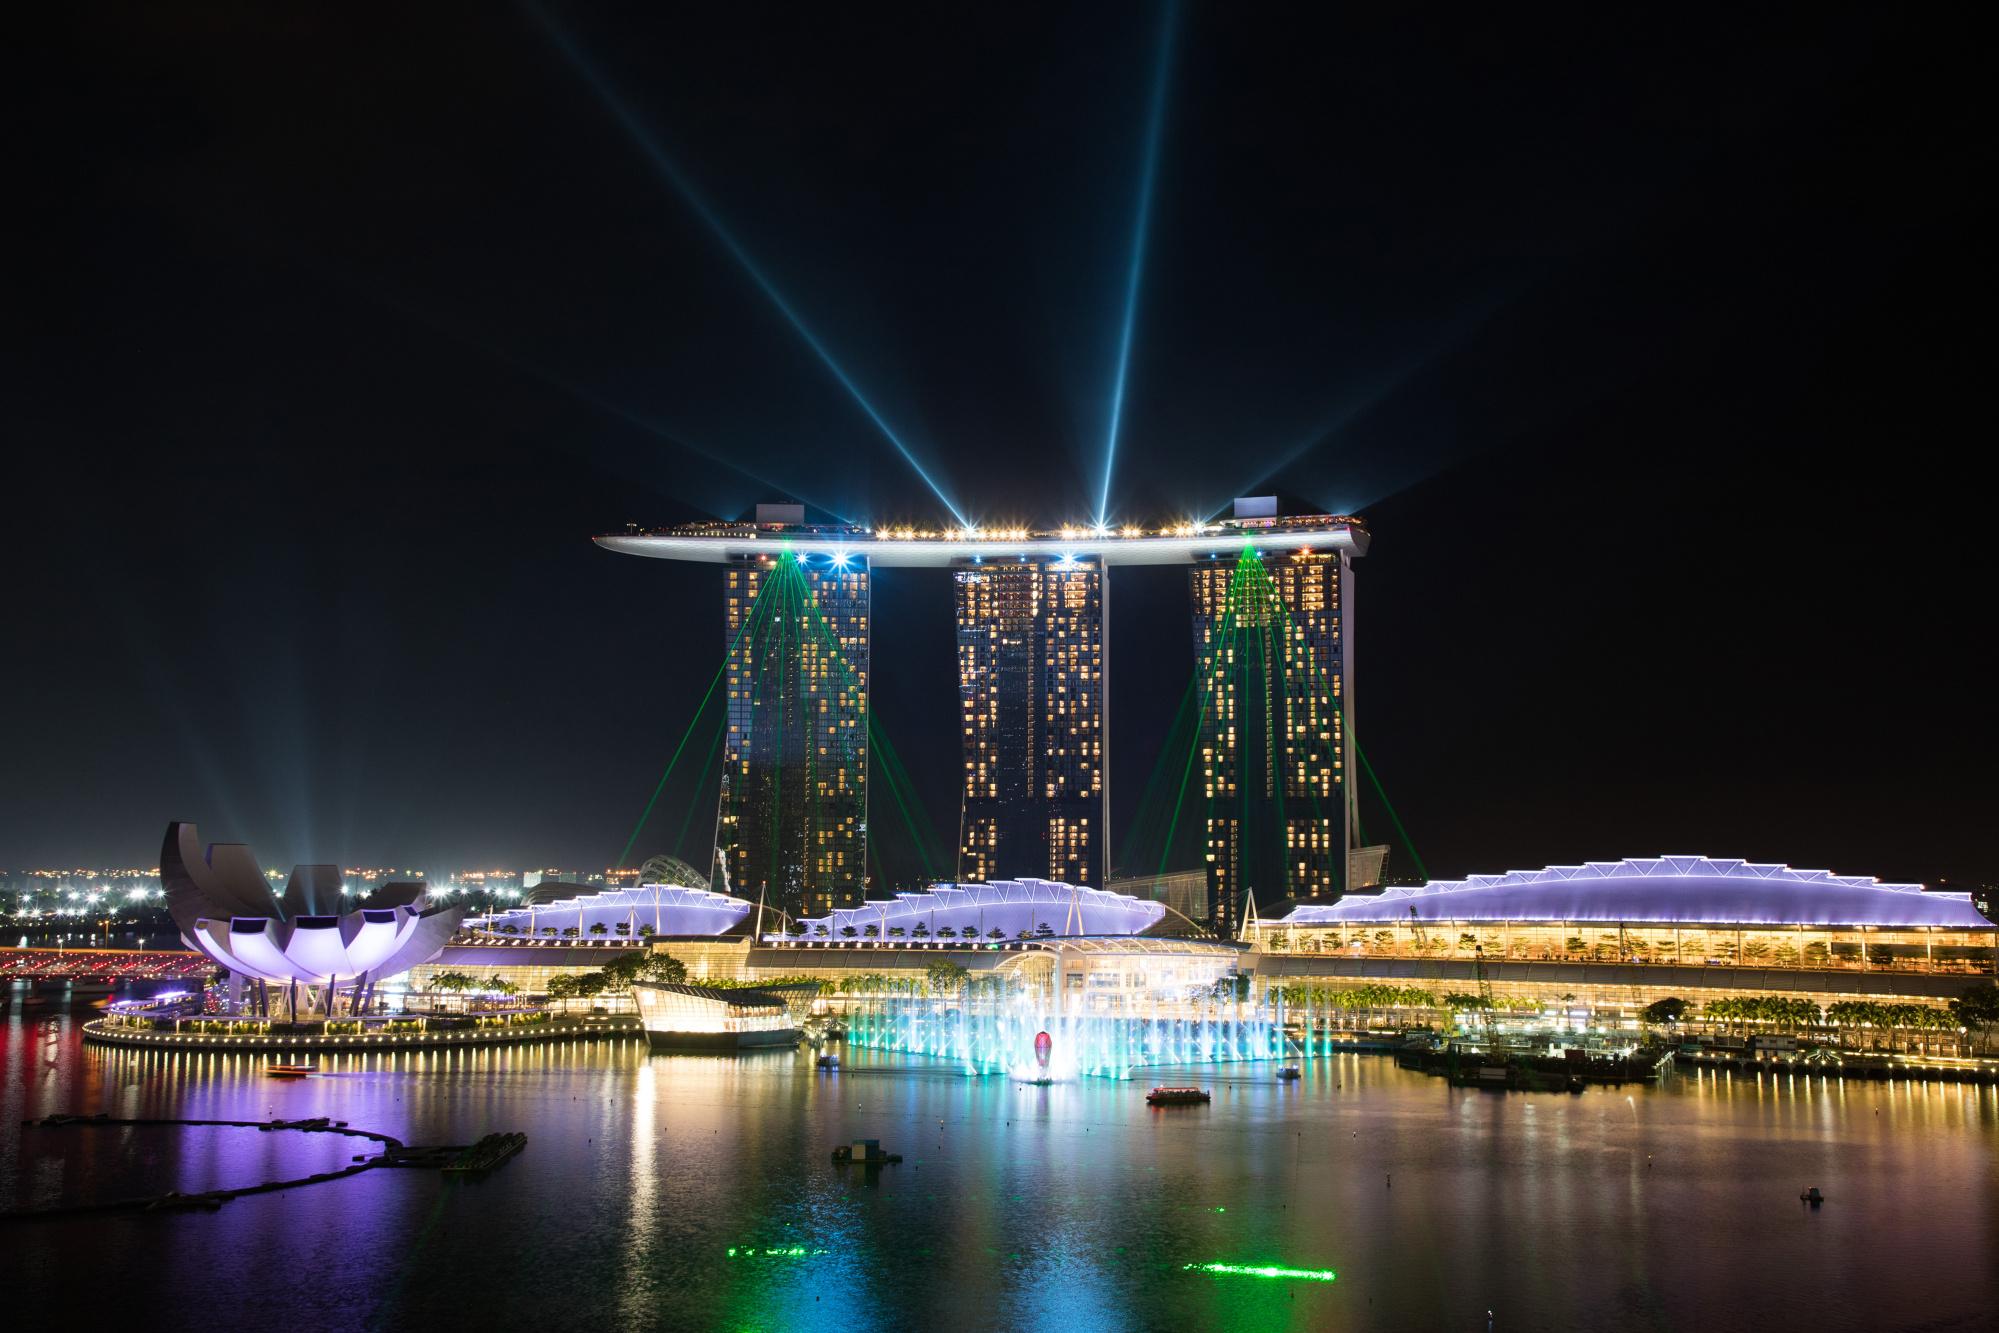 Hotel dan kasino Marina Bay Sands di Singapura.